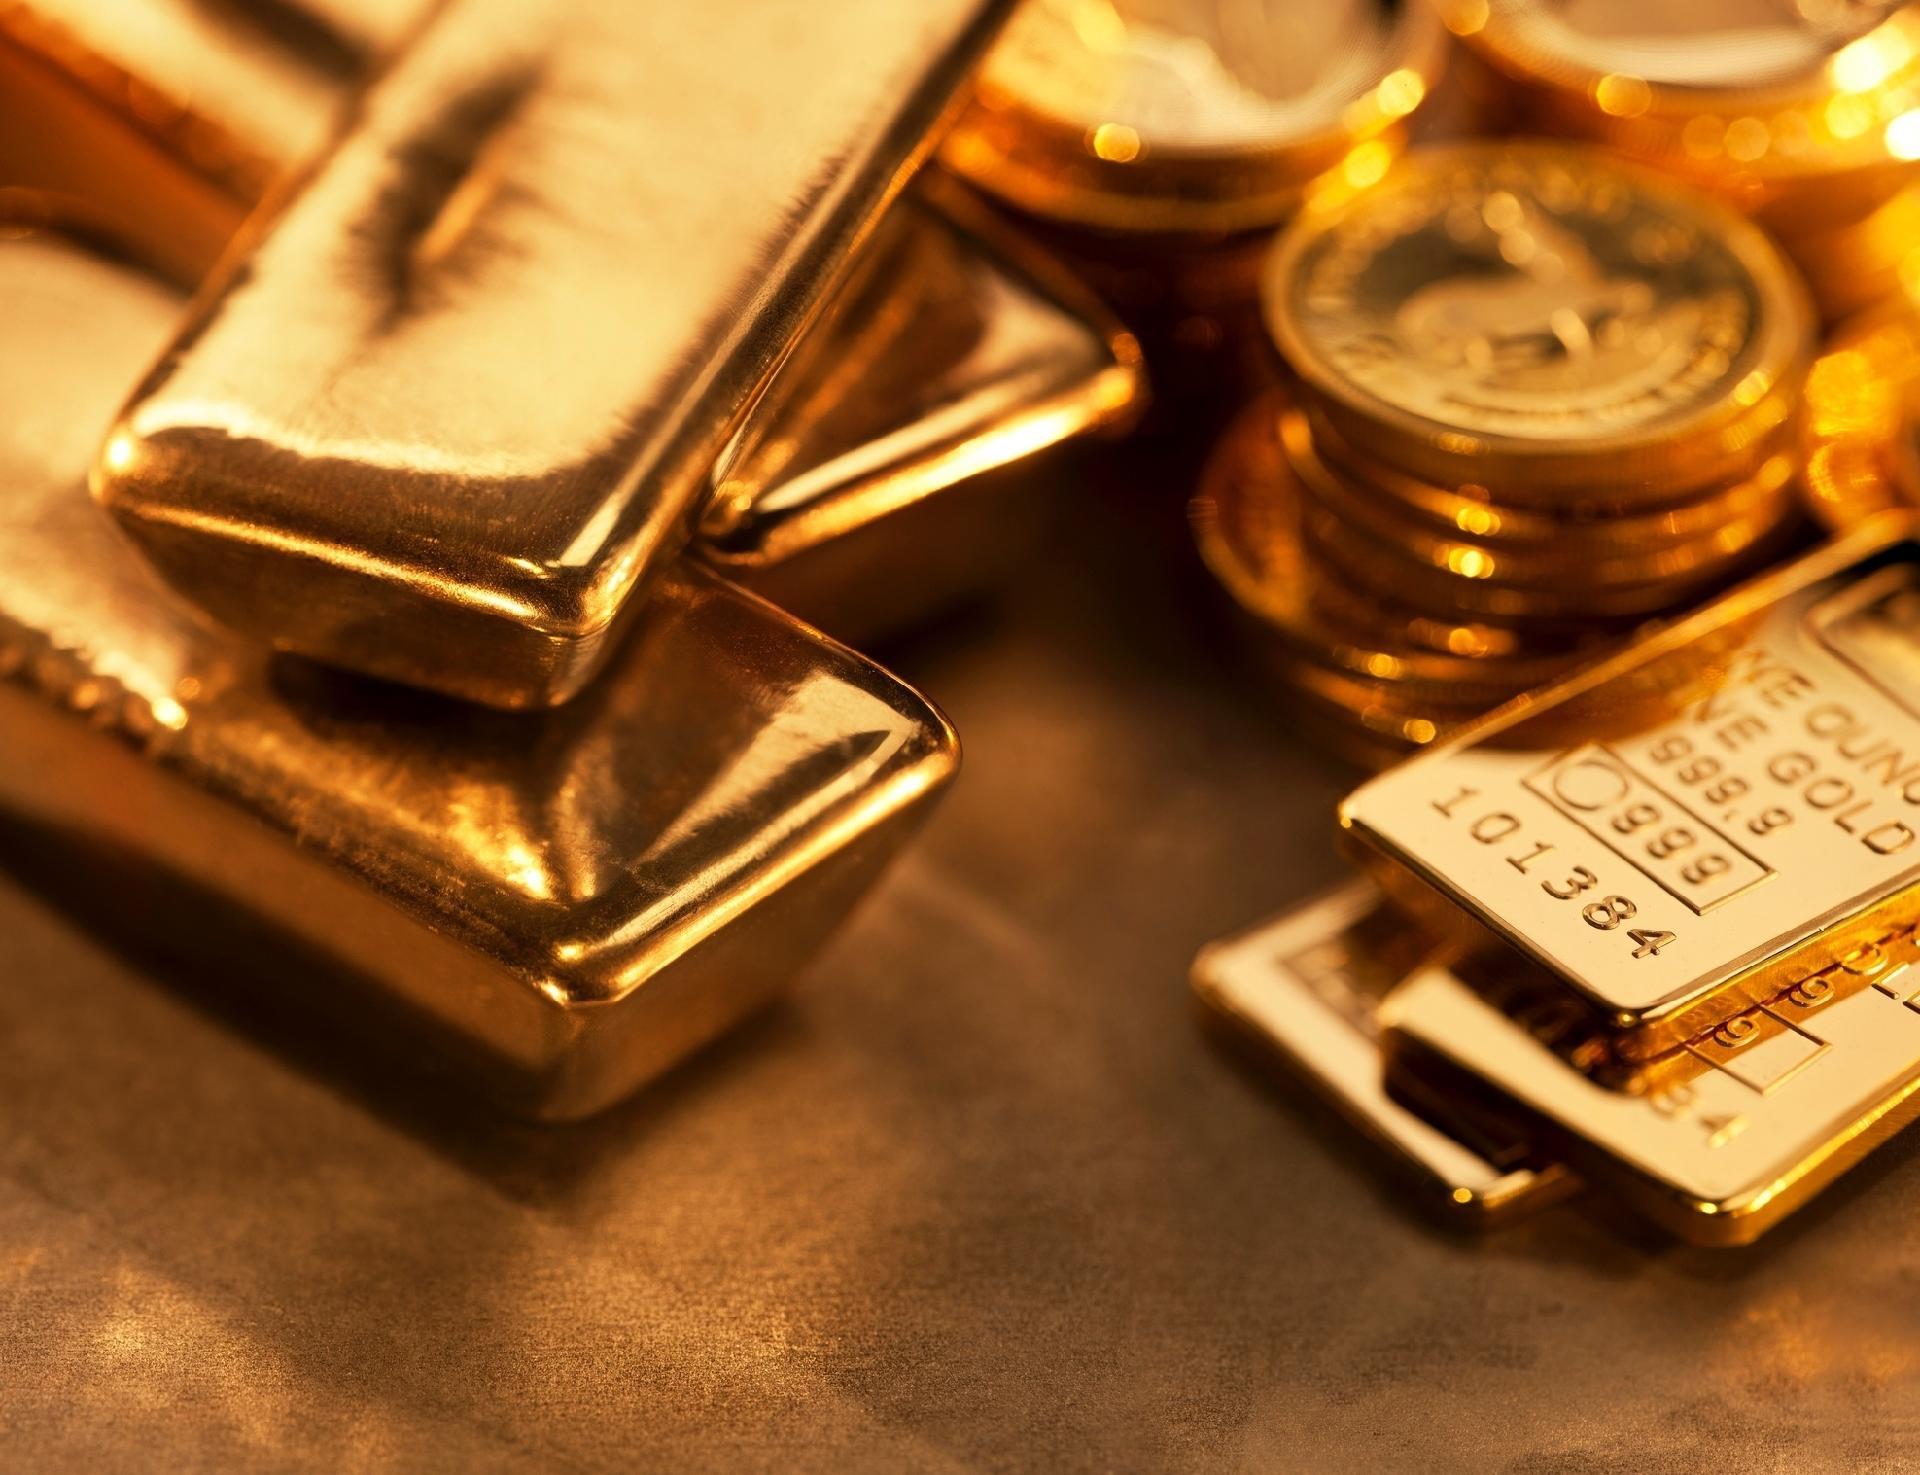 c205feb5121 Onde comprar e como guardar ouro para investir  Vale a pena  - 31 01 2019 -  UOL Economia